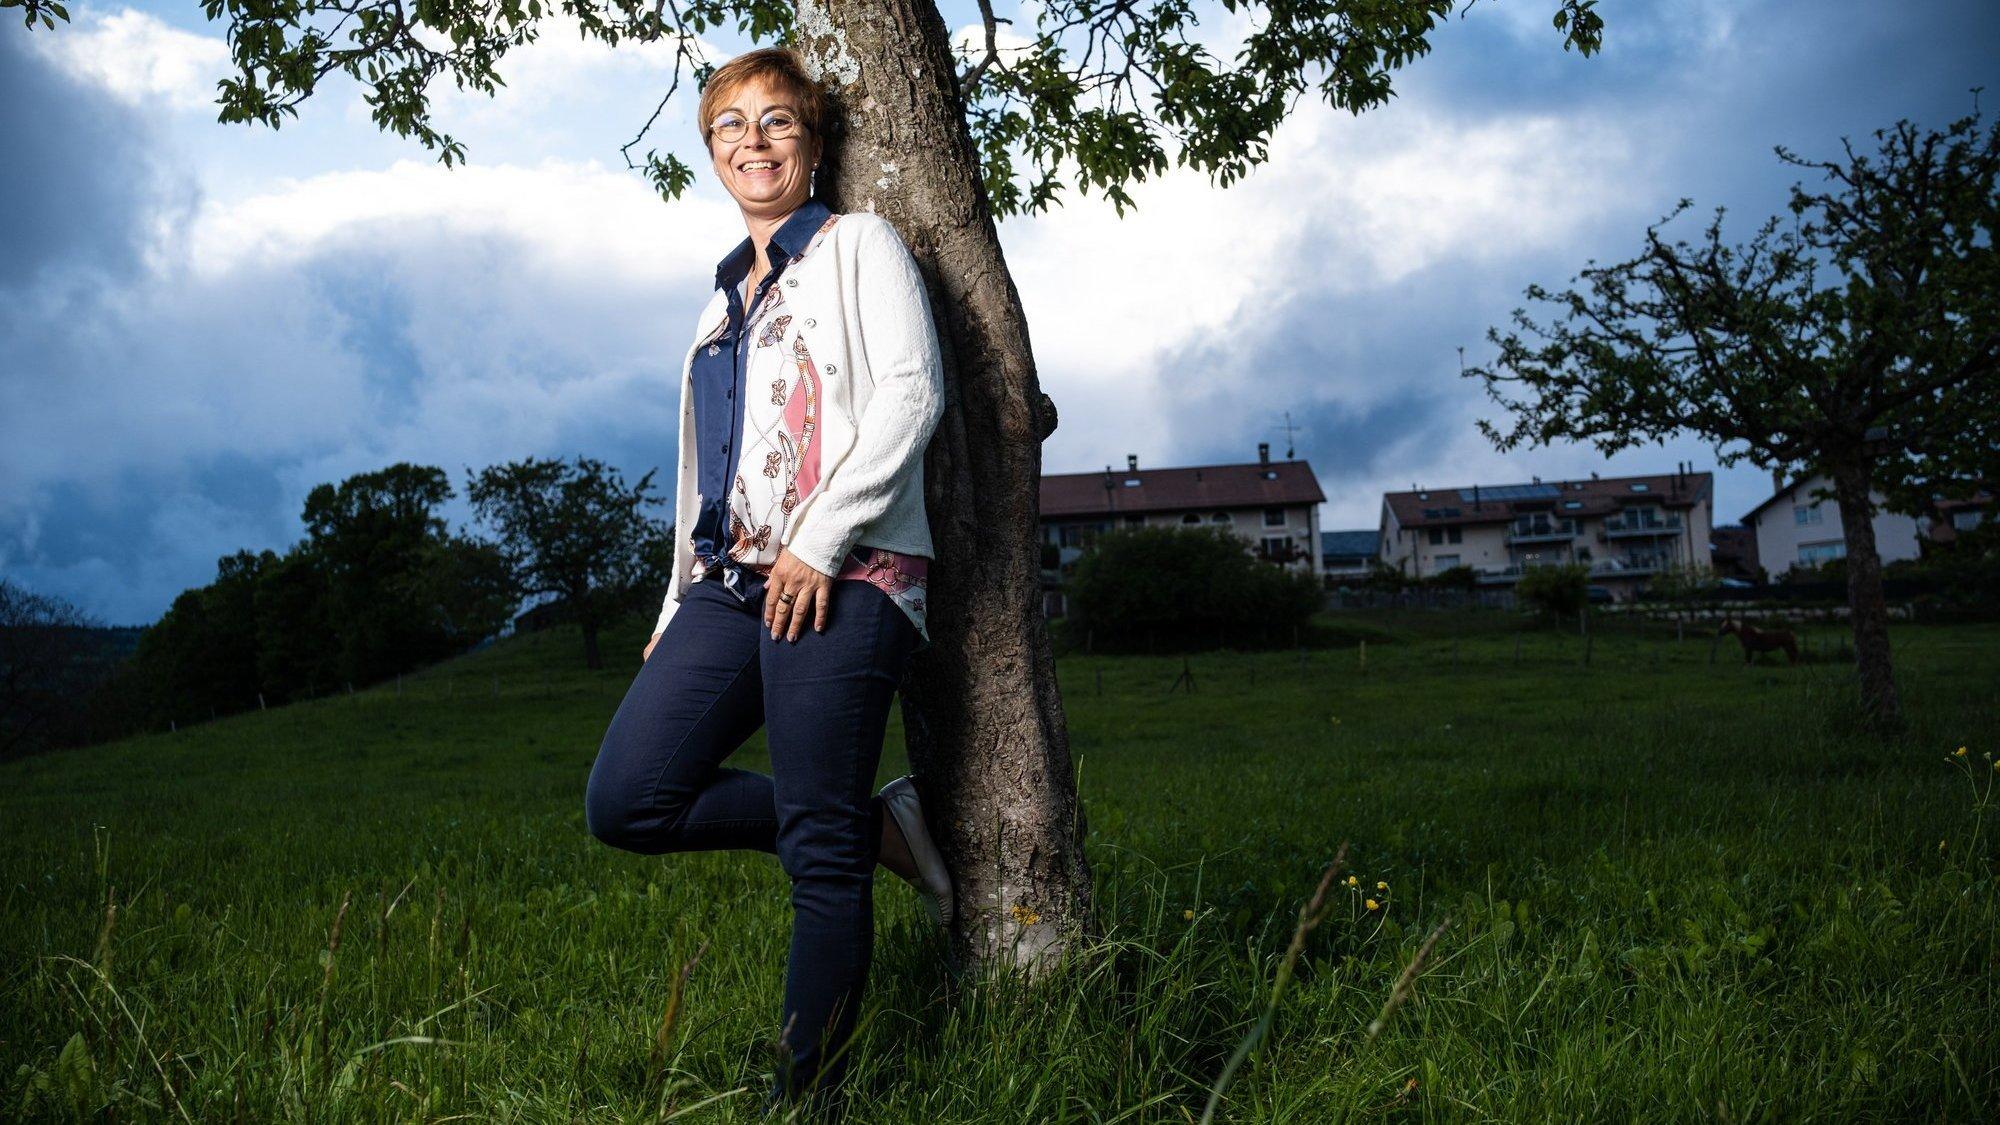 Sonia Pittet est la future nouvelle syndique de Bassins.